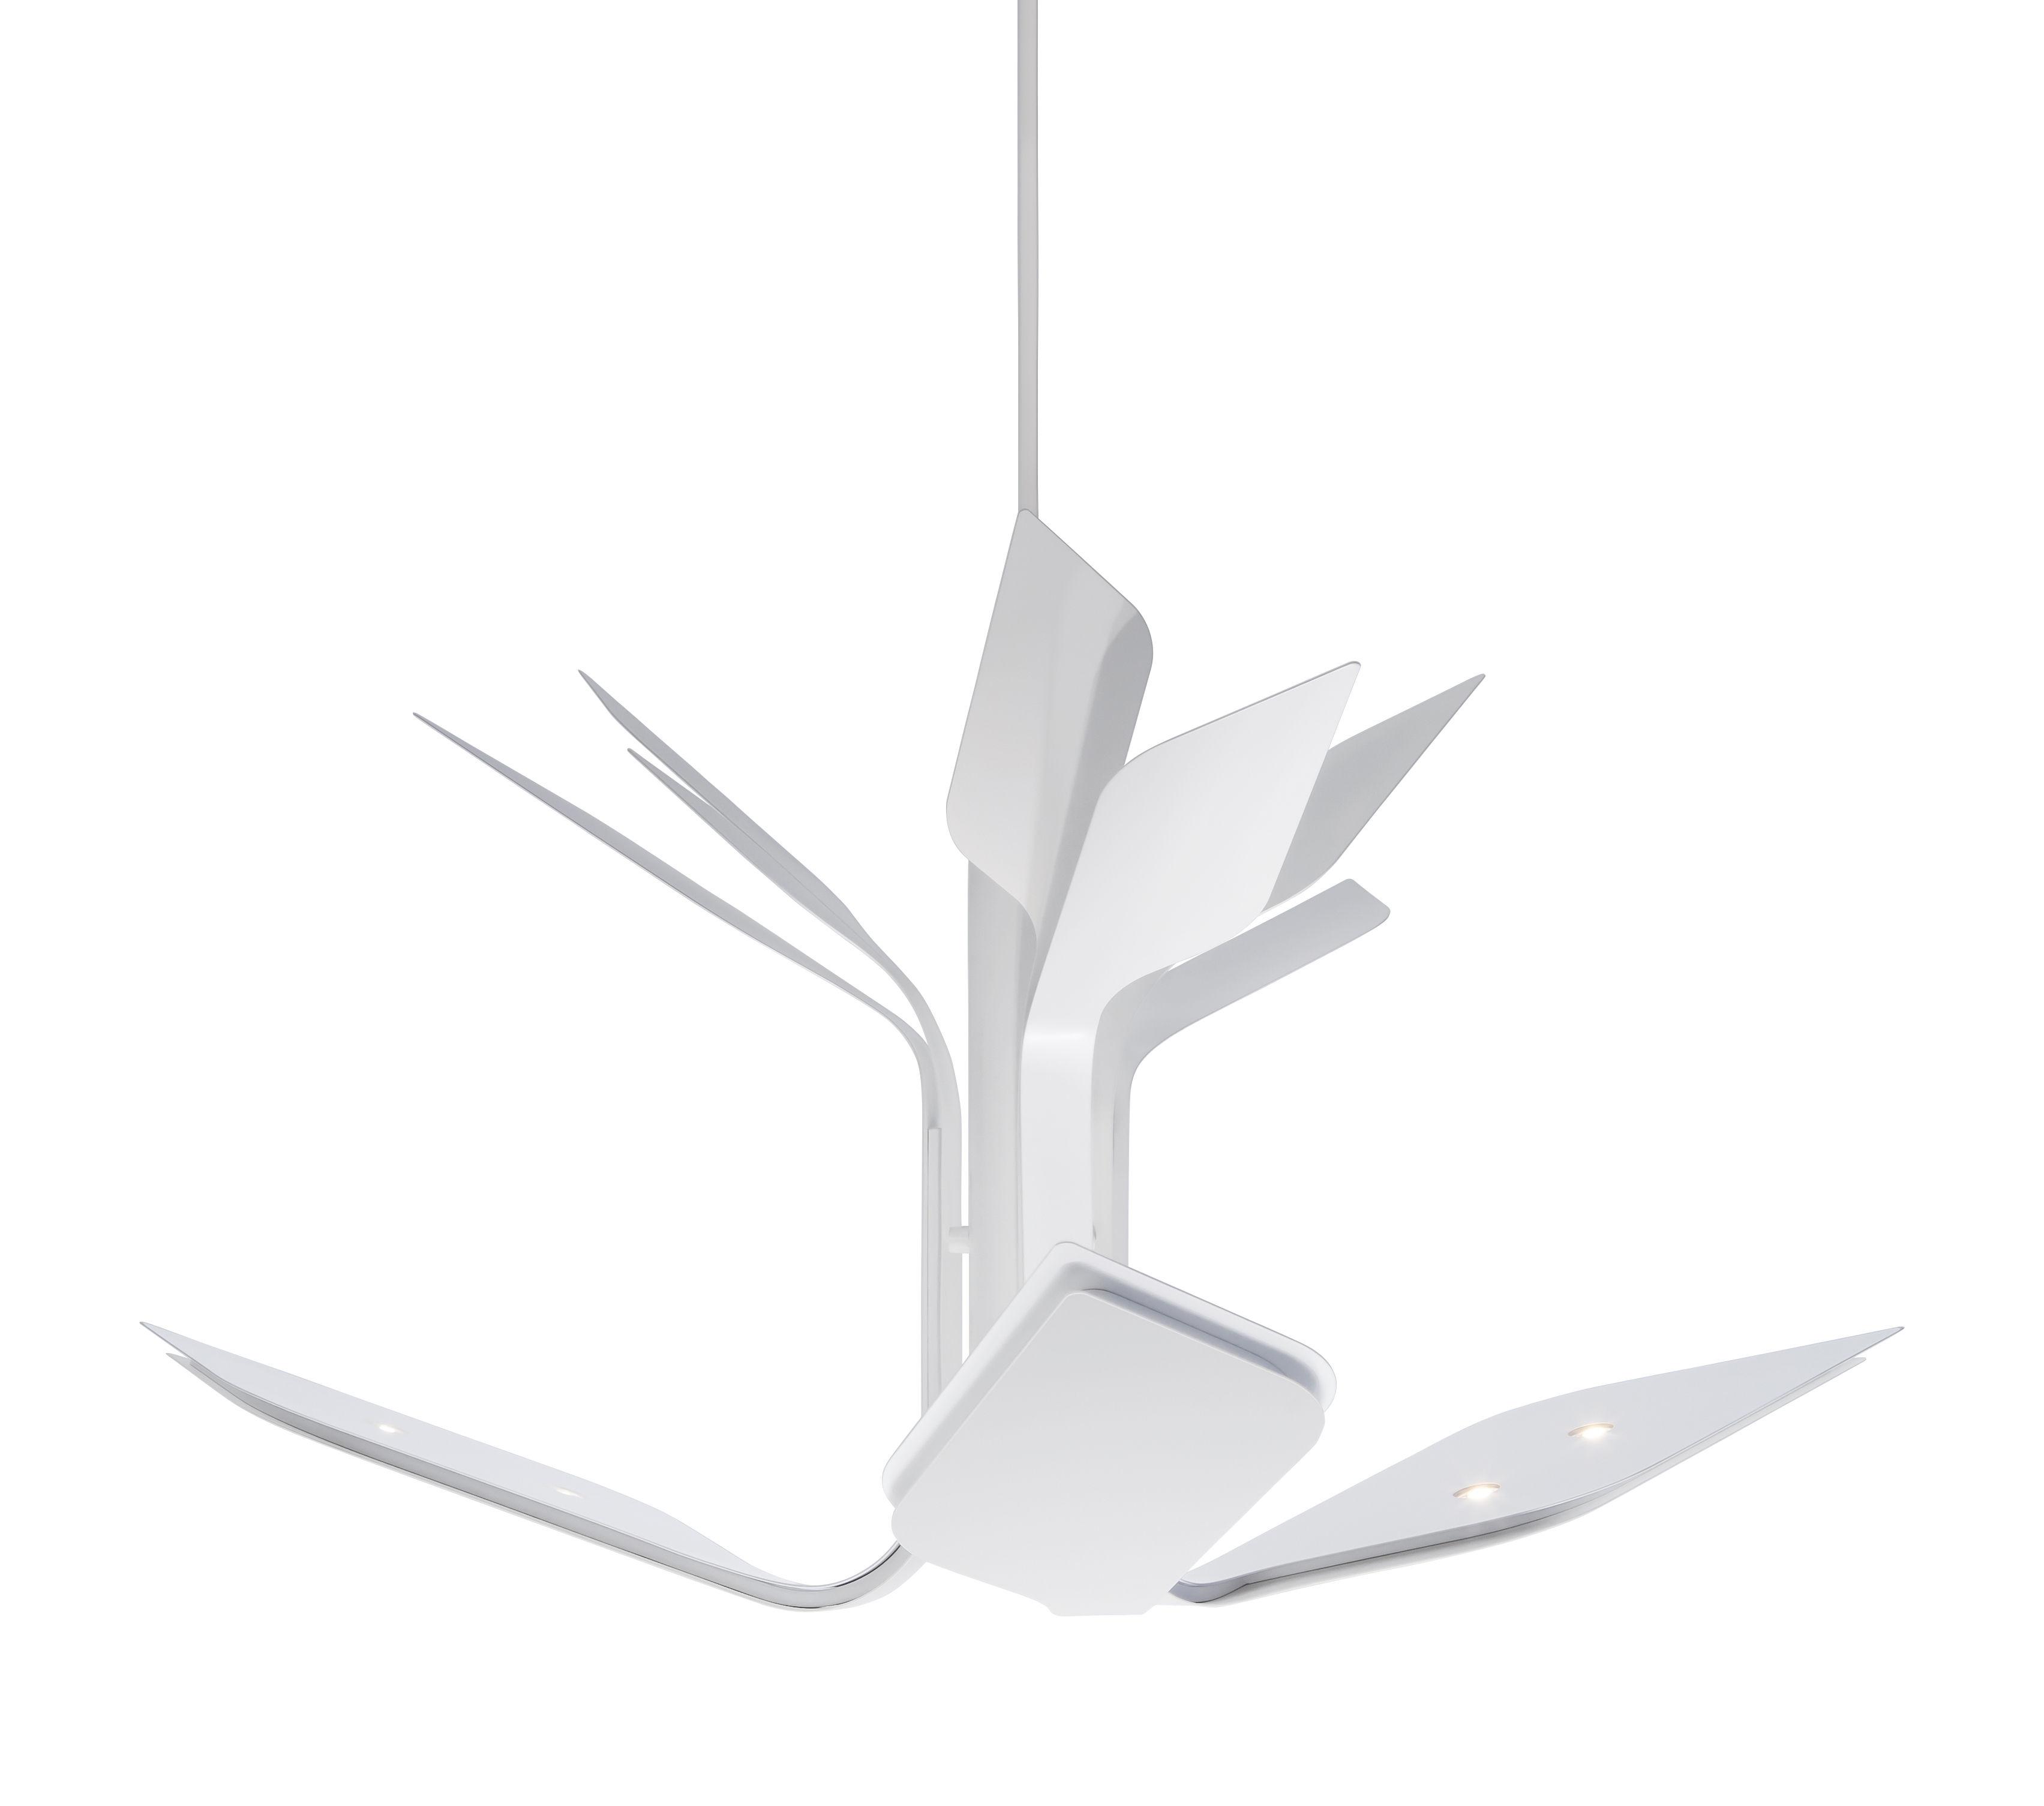 Luminaire - Suspensions - Suspension Foliage S3 / LED -  3 bras - Ø 110 cm - Lumen Center Italia - Blanc mat - Aluminium